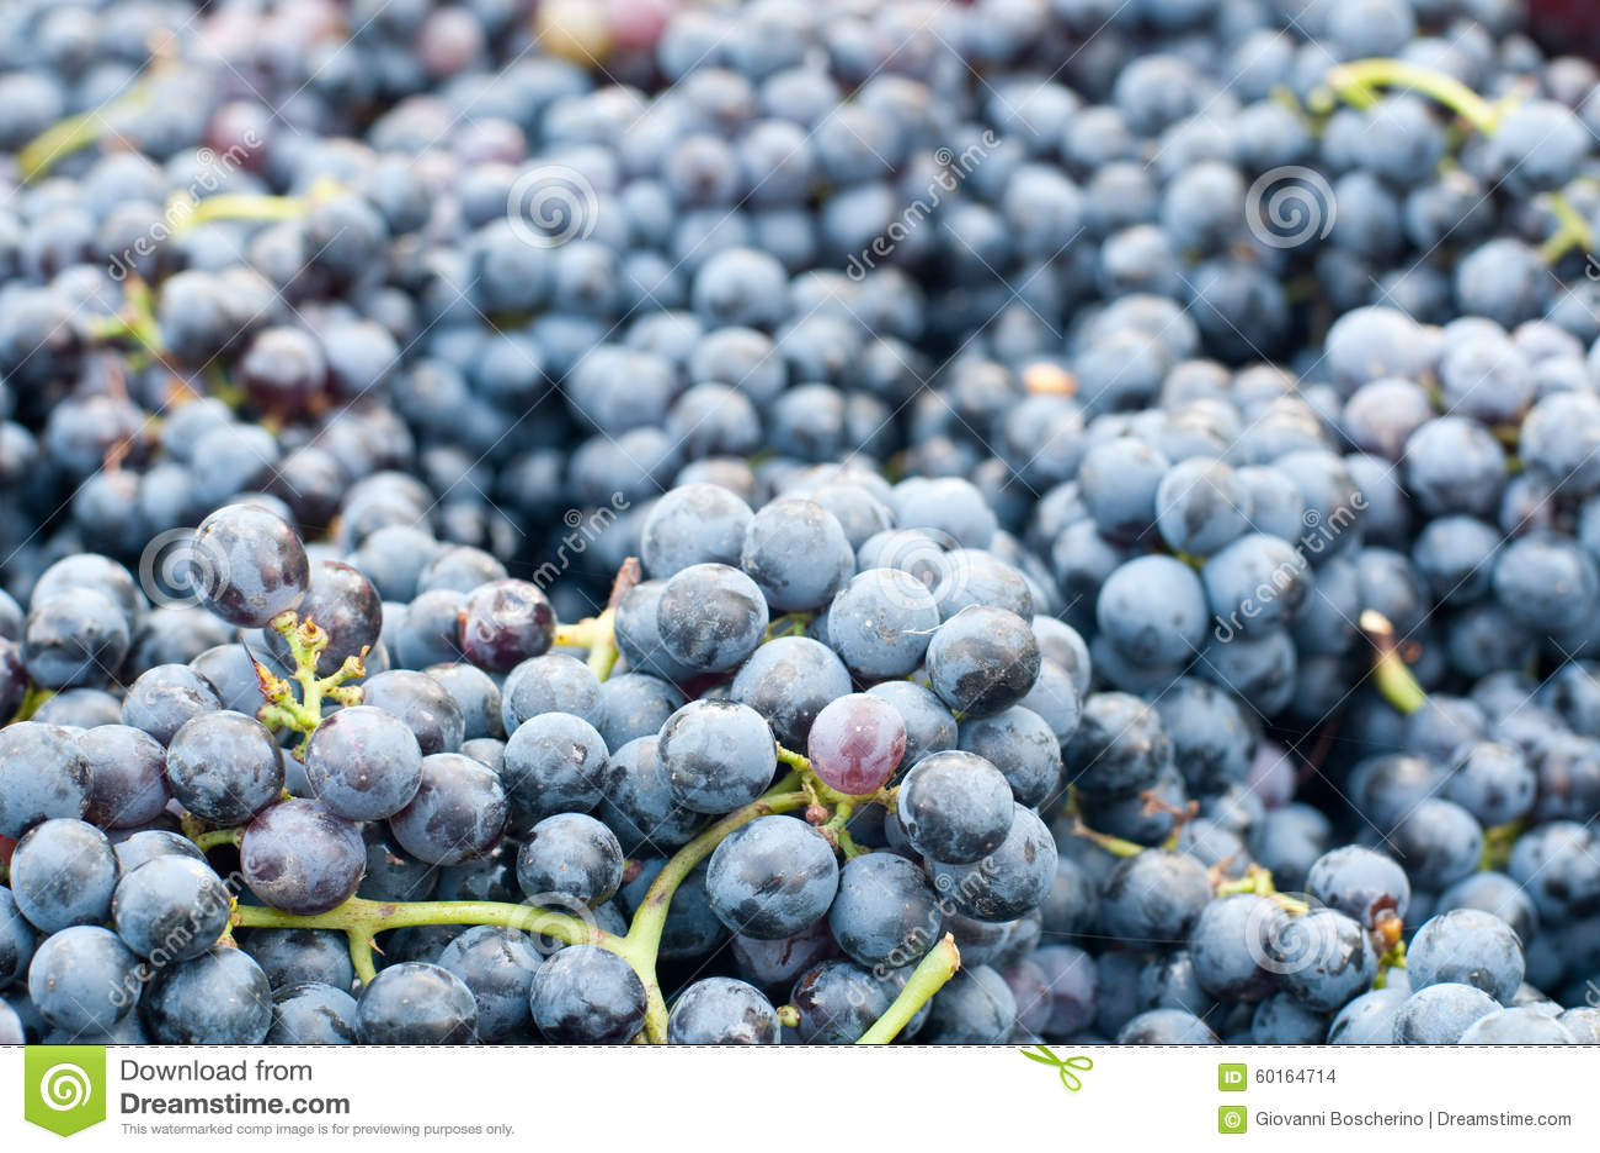 Grupos de uvas Lambrusco, uma uva italiana típica